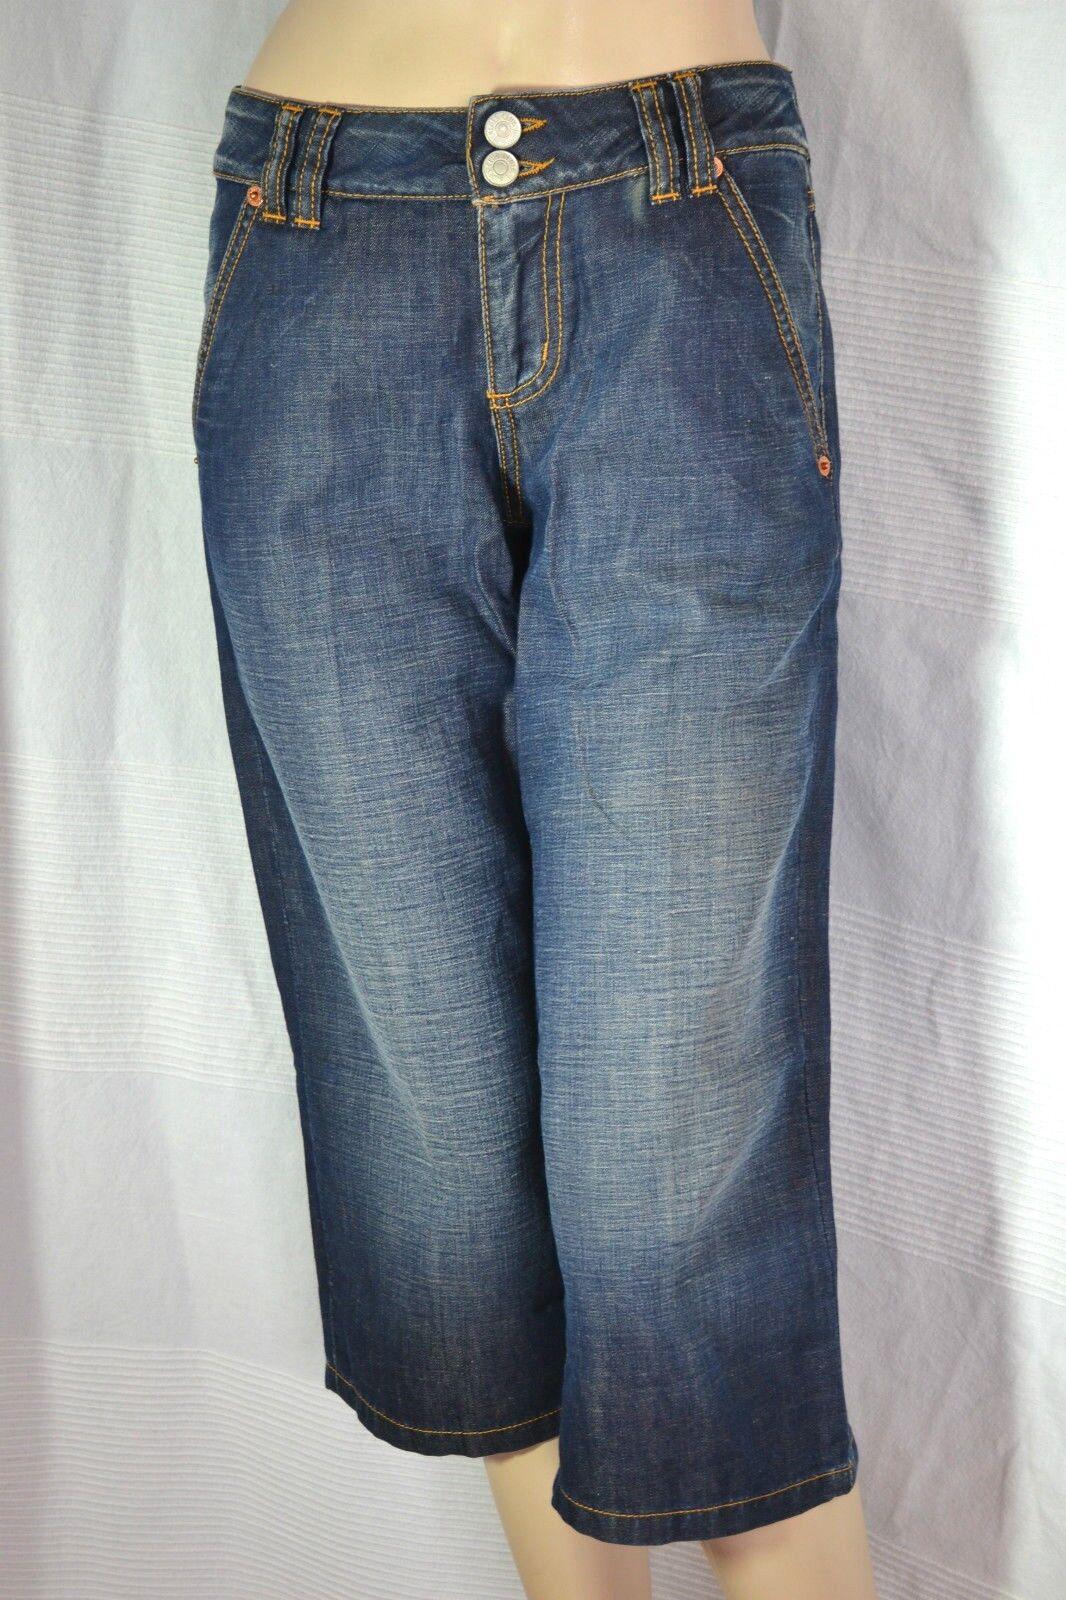 MAX MARA Damen Hose CAPRI DAMENJEANS 3 4 Jeans trousers blau XS 34 36 NEU